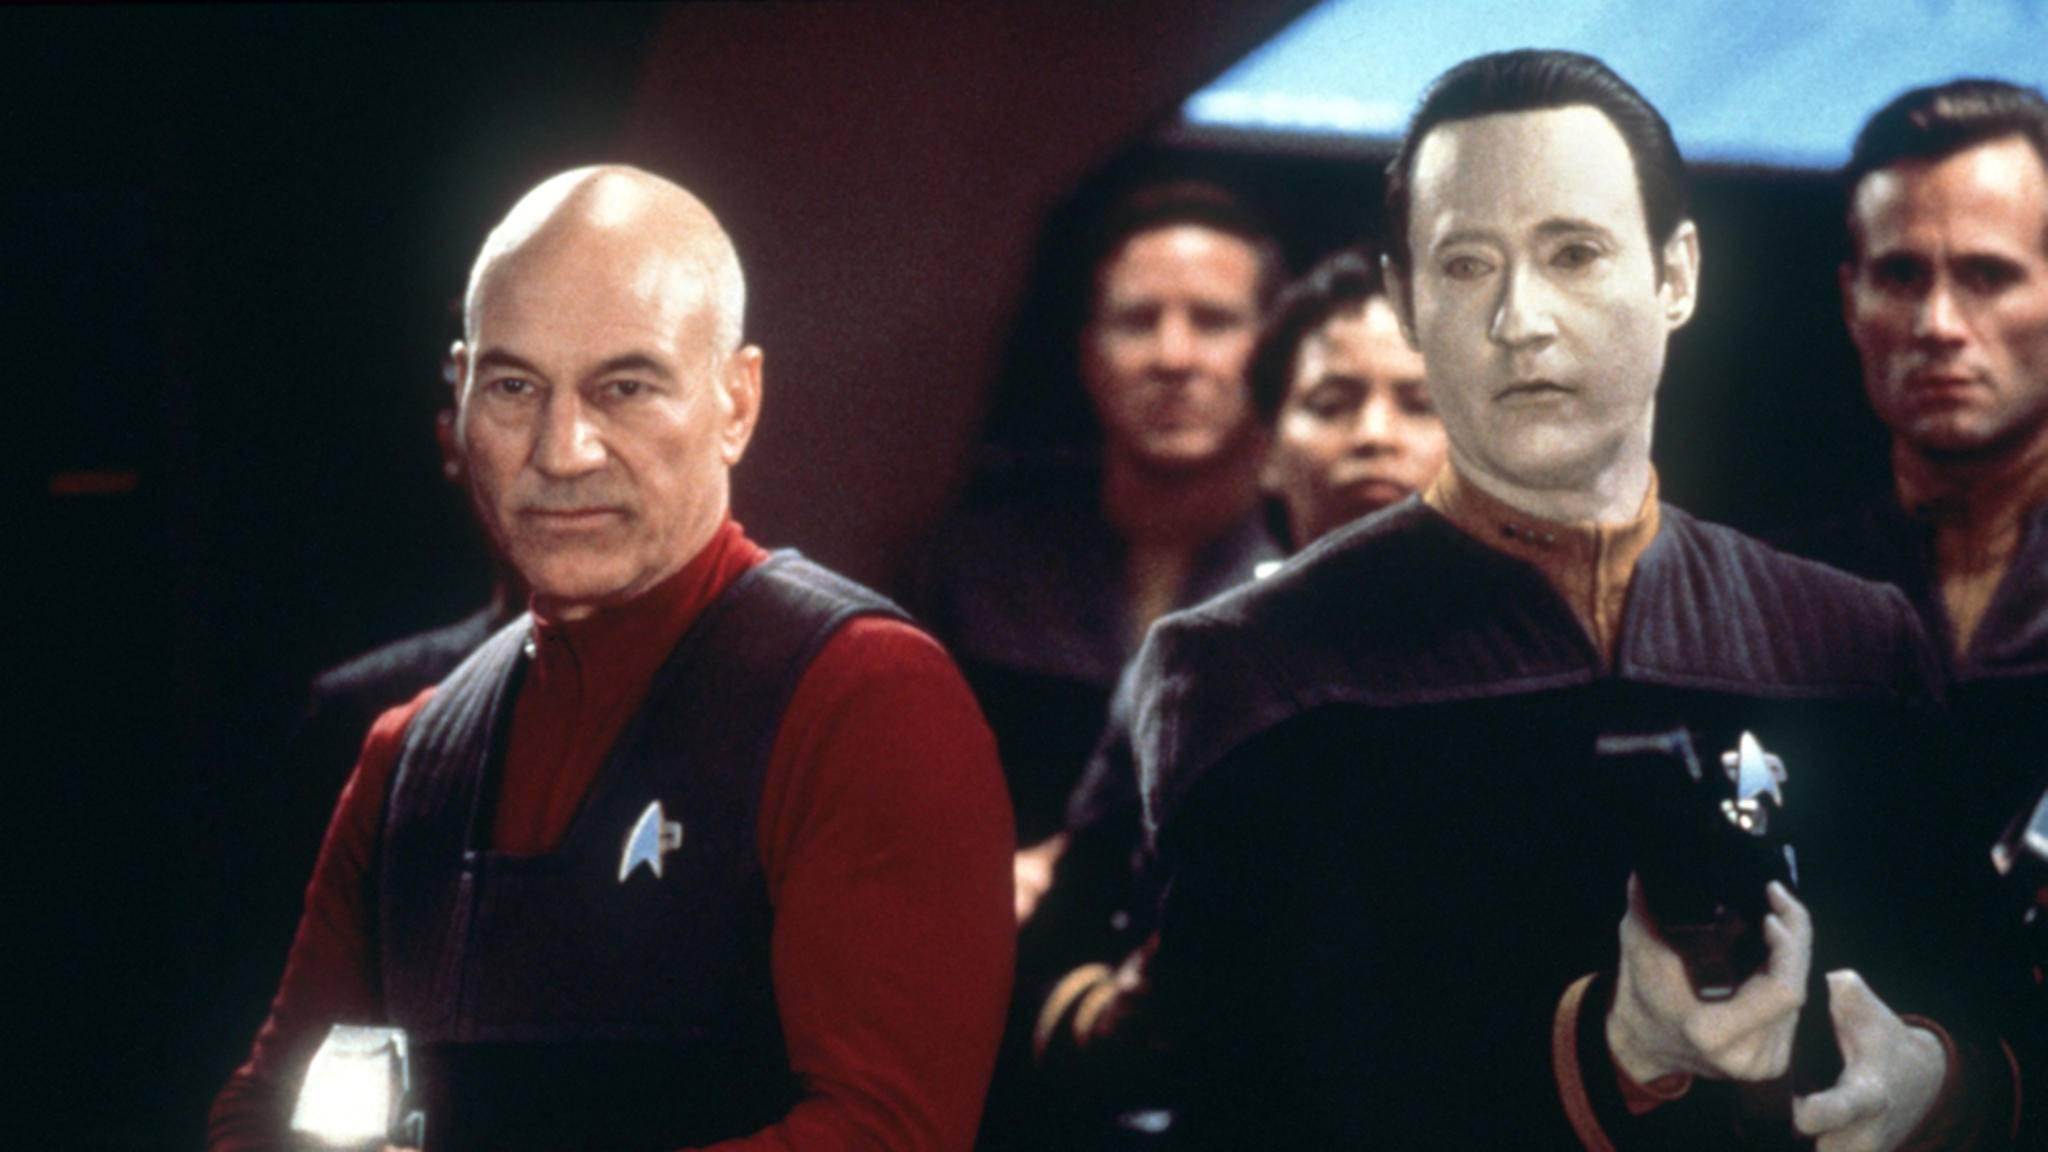 Endlich kehrt Sir Patrick Stewart in seiner legendären Rolle als Jean-Luc Picard zurück!